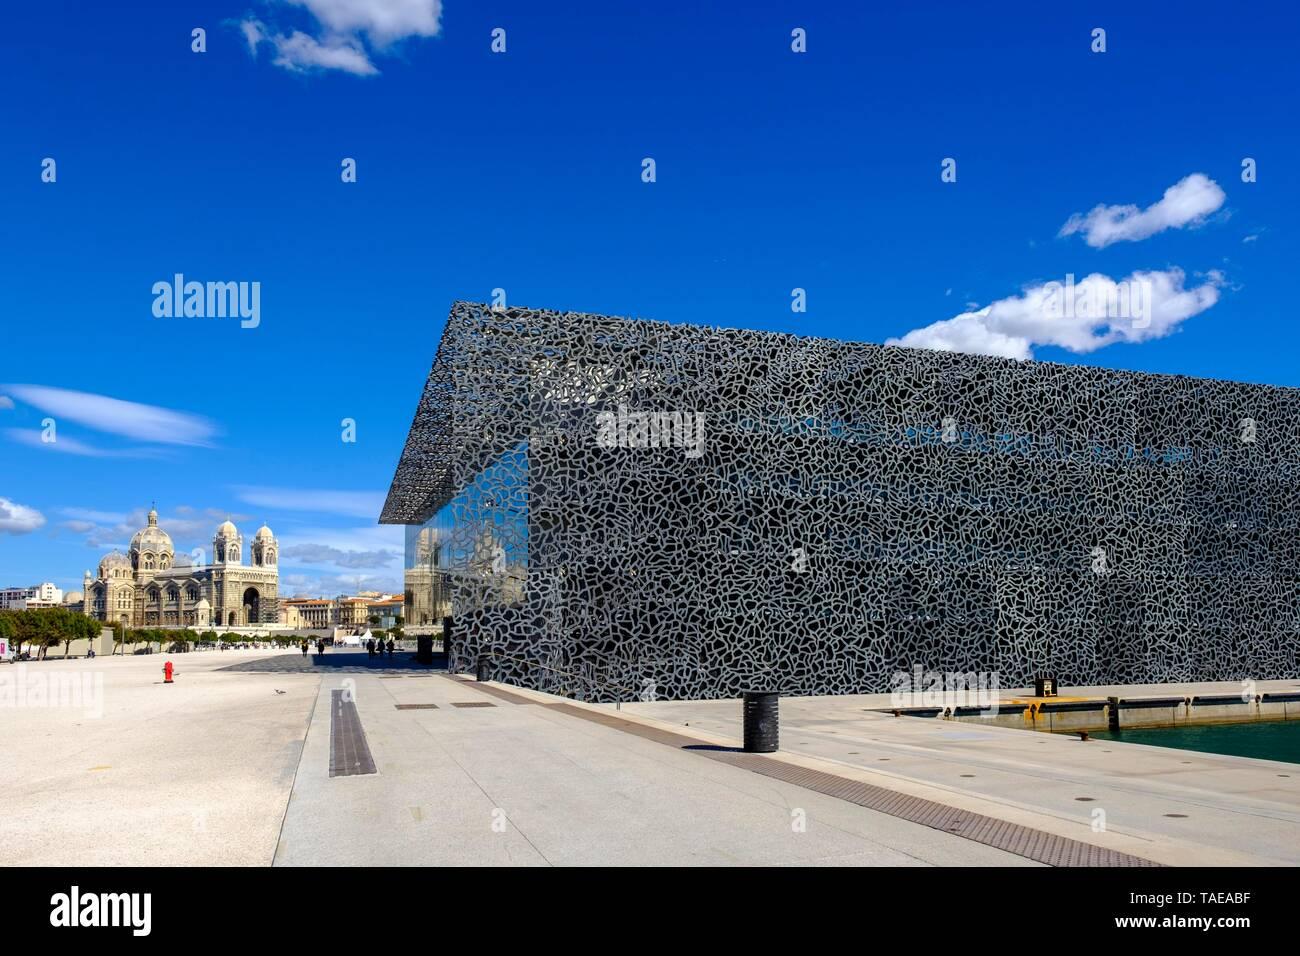 MuCEM, Musee des civilisations de l'Europe et de la Mediterranee, back cathedral, Marseille, Provence-Alpes-Cote d'Azur, France - Stock Image